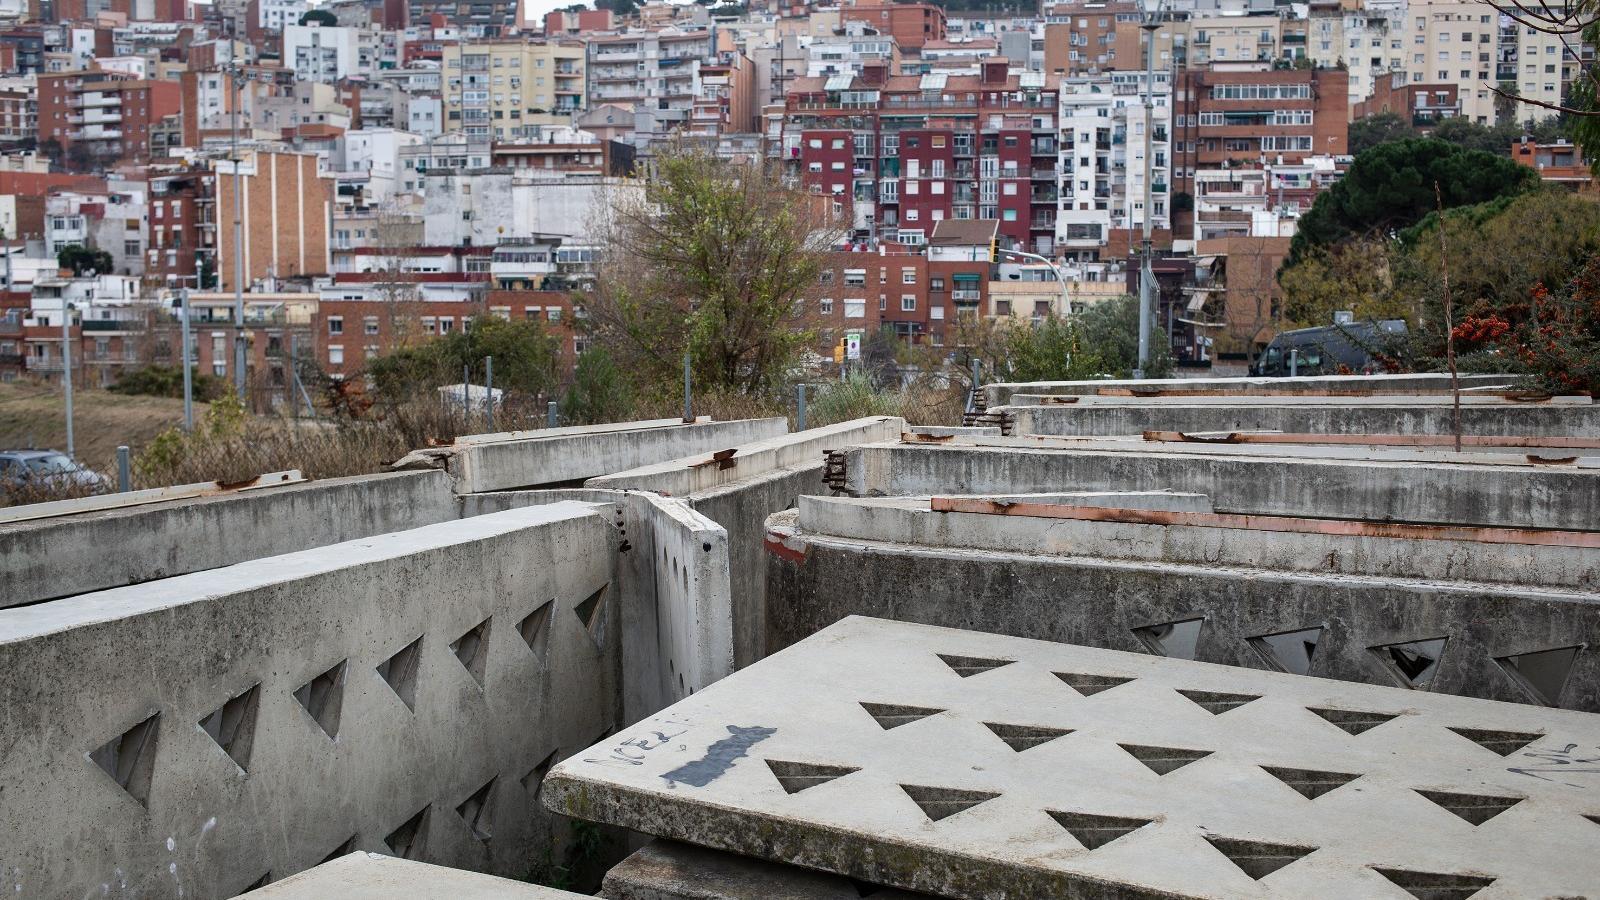 Les peces prefabricades de formigó del pavelló enderrocat les instal·lacions de tir amb arc d'Enric Miralles i Carme Pinós al solar on estan abandonades